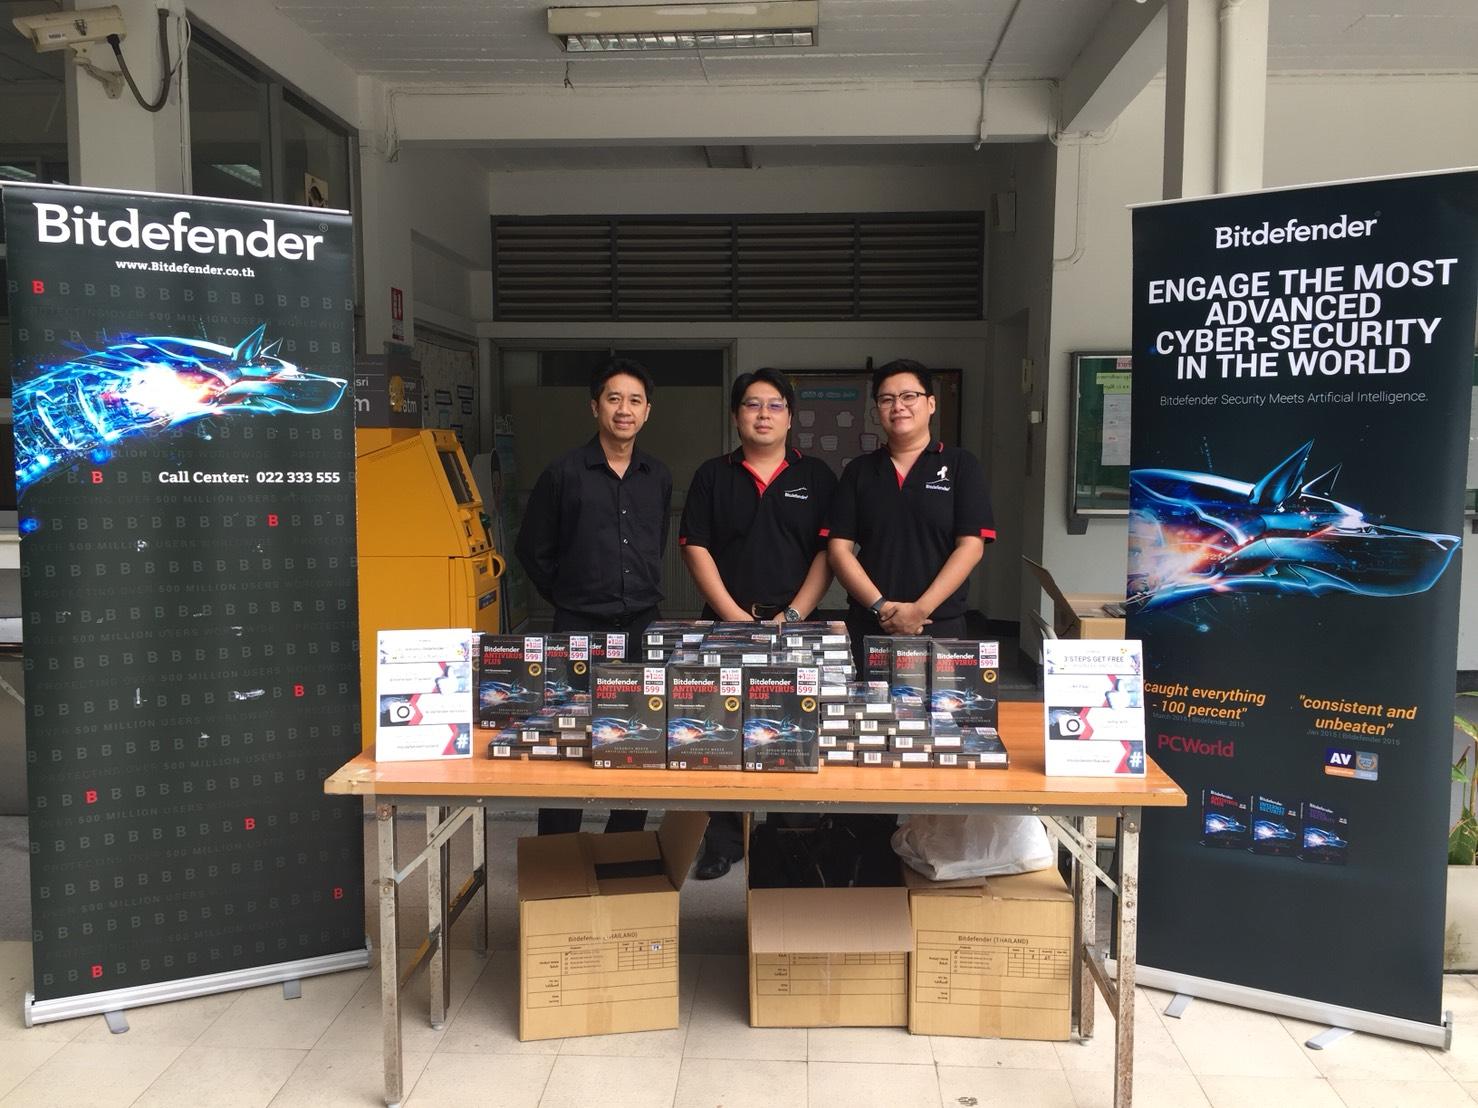 Bitdefender Thailand สนับสนุนซอฟท์แวร์ป้องกันไวรัสให้ ม.สวนดุสิต เมื่อ 3 ต.ค.60